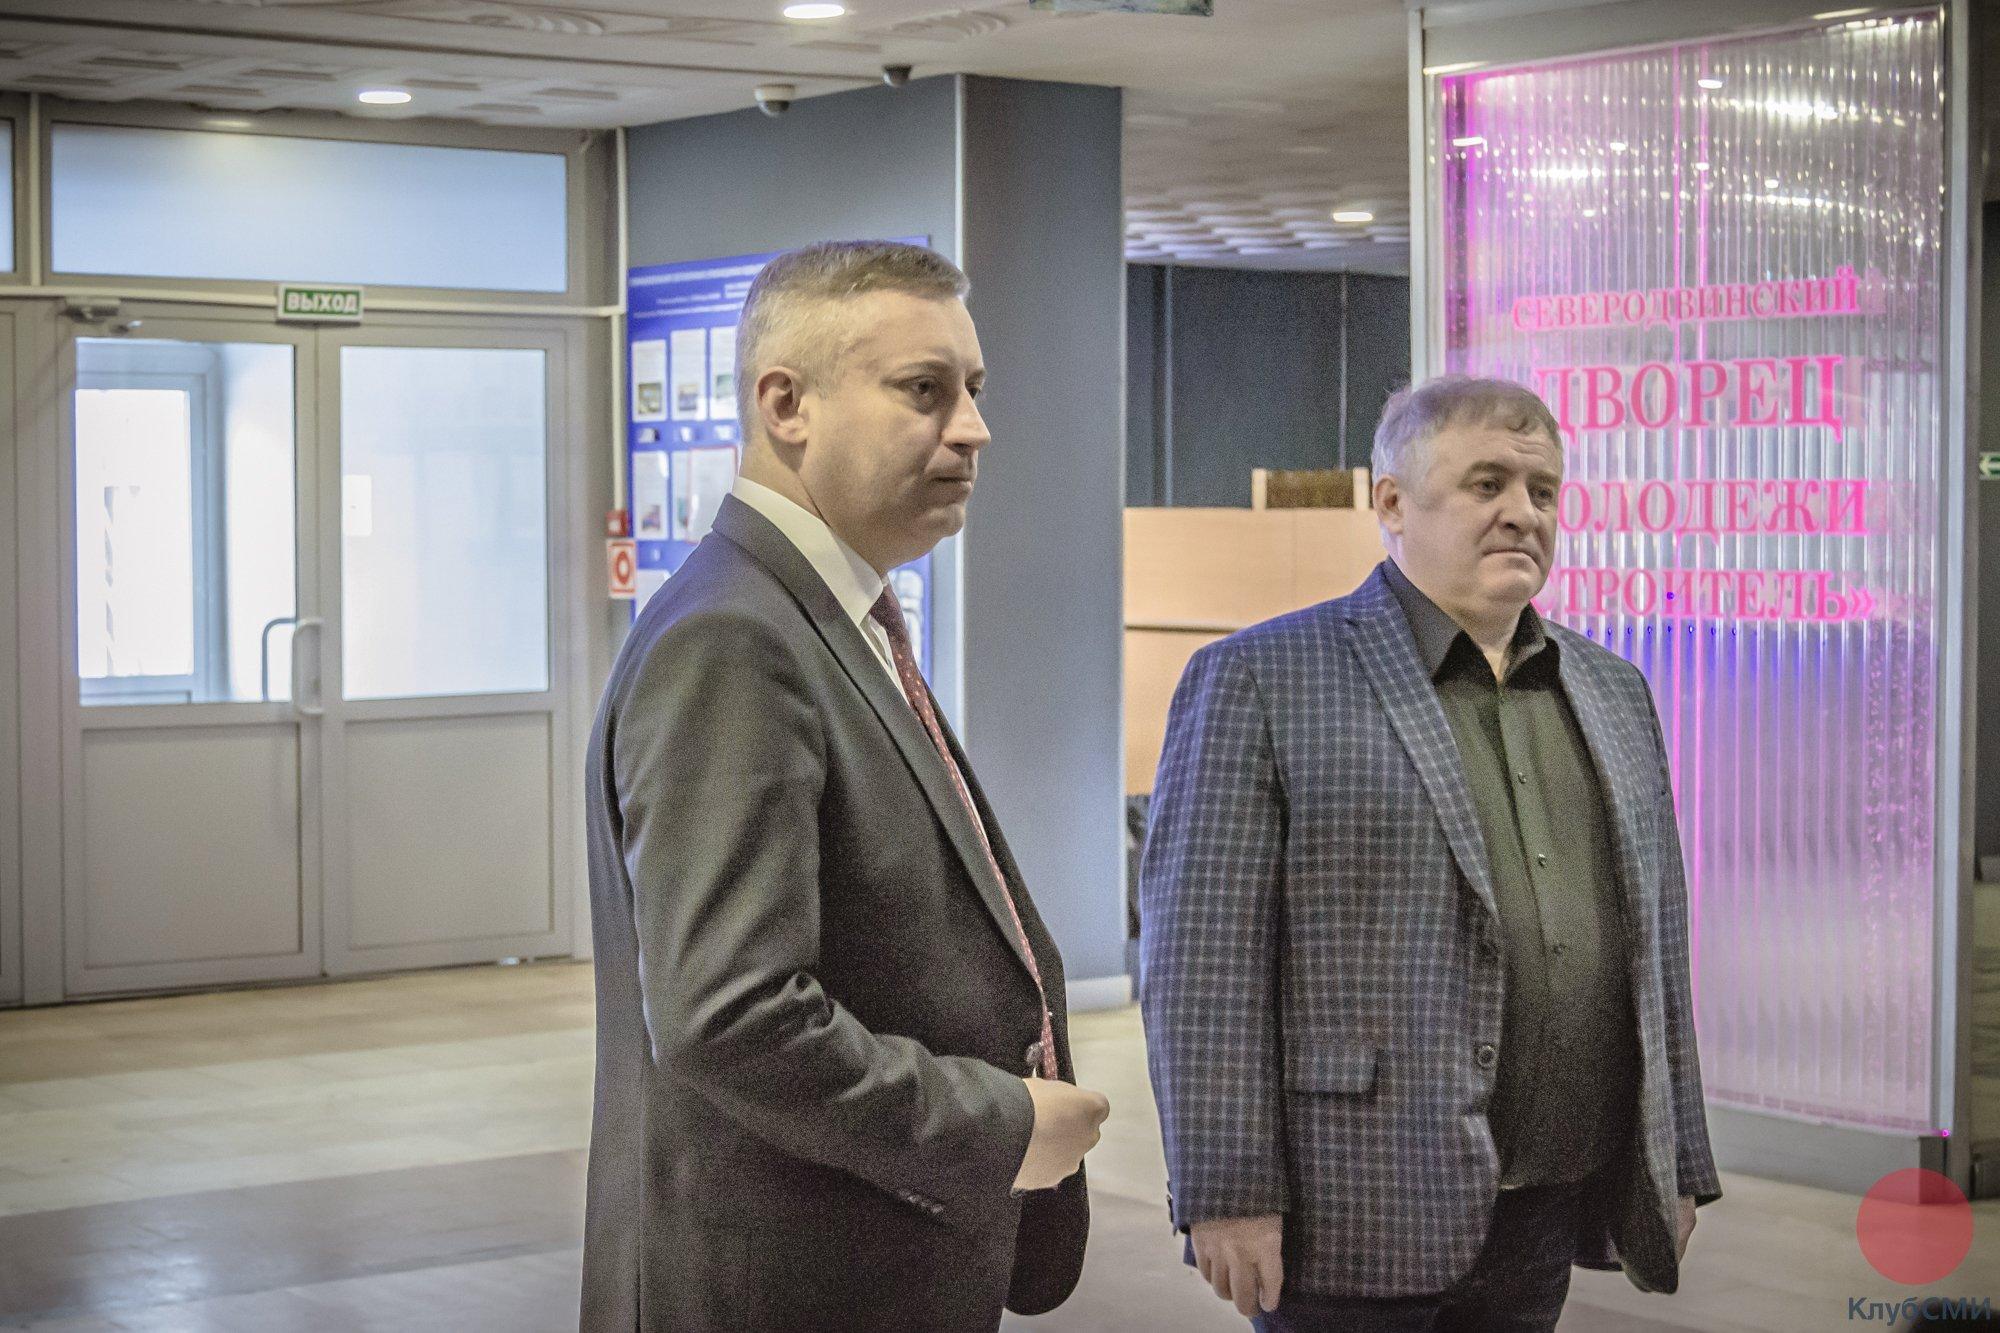 Мэр Северодвинска Игорь Скубенко и директор ДМ Строитель Игорь Воронцов